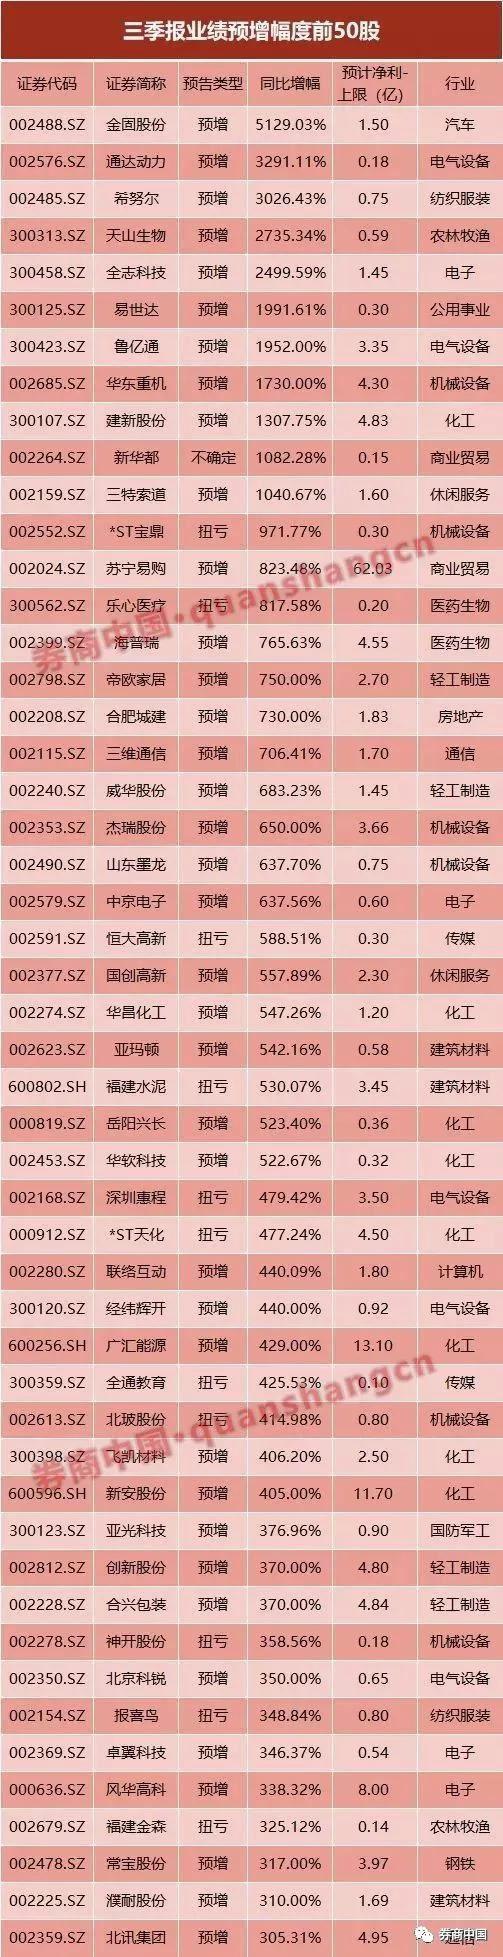 1074股三季报预告出炉 超七成公司业绩预增